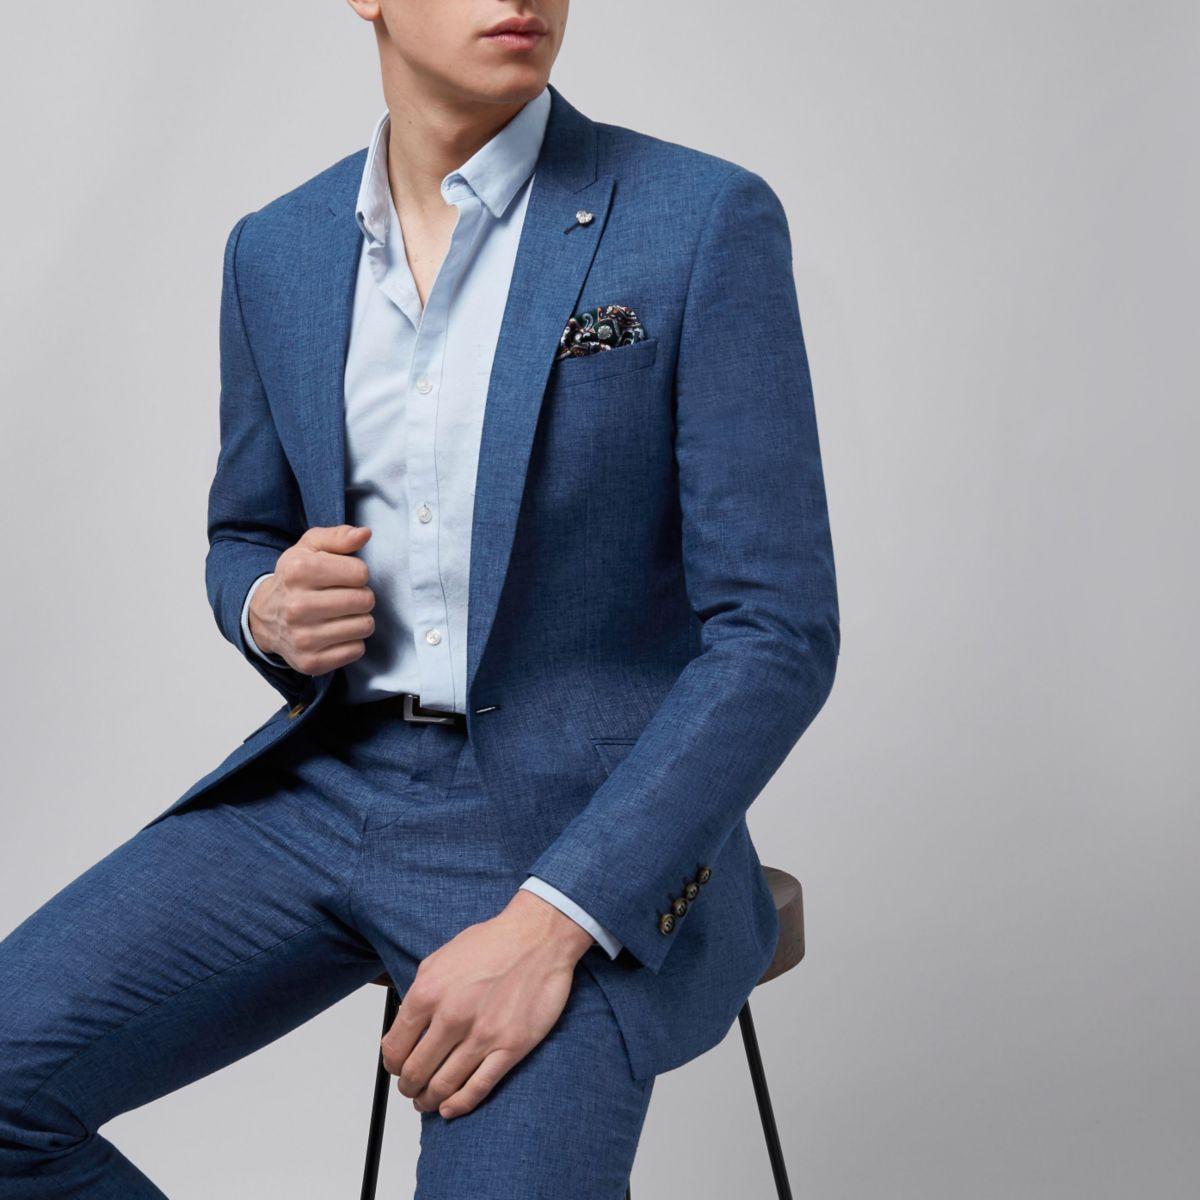 River Island - Blue linen slim fit suit  £70 / £73.95 delivered